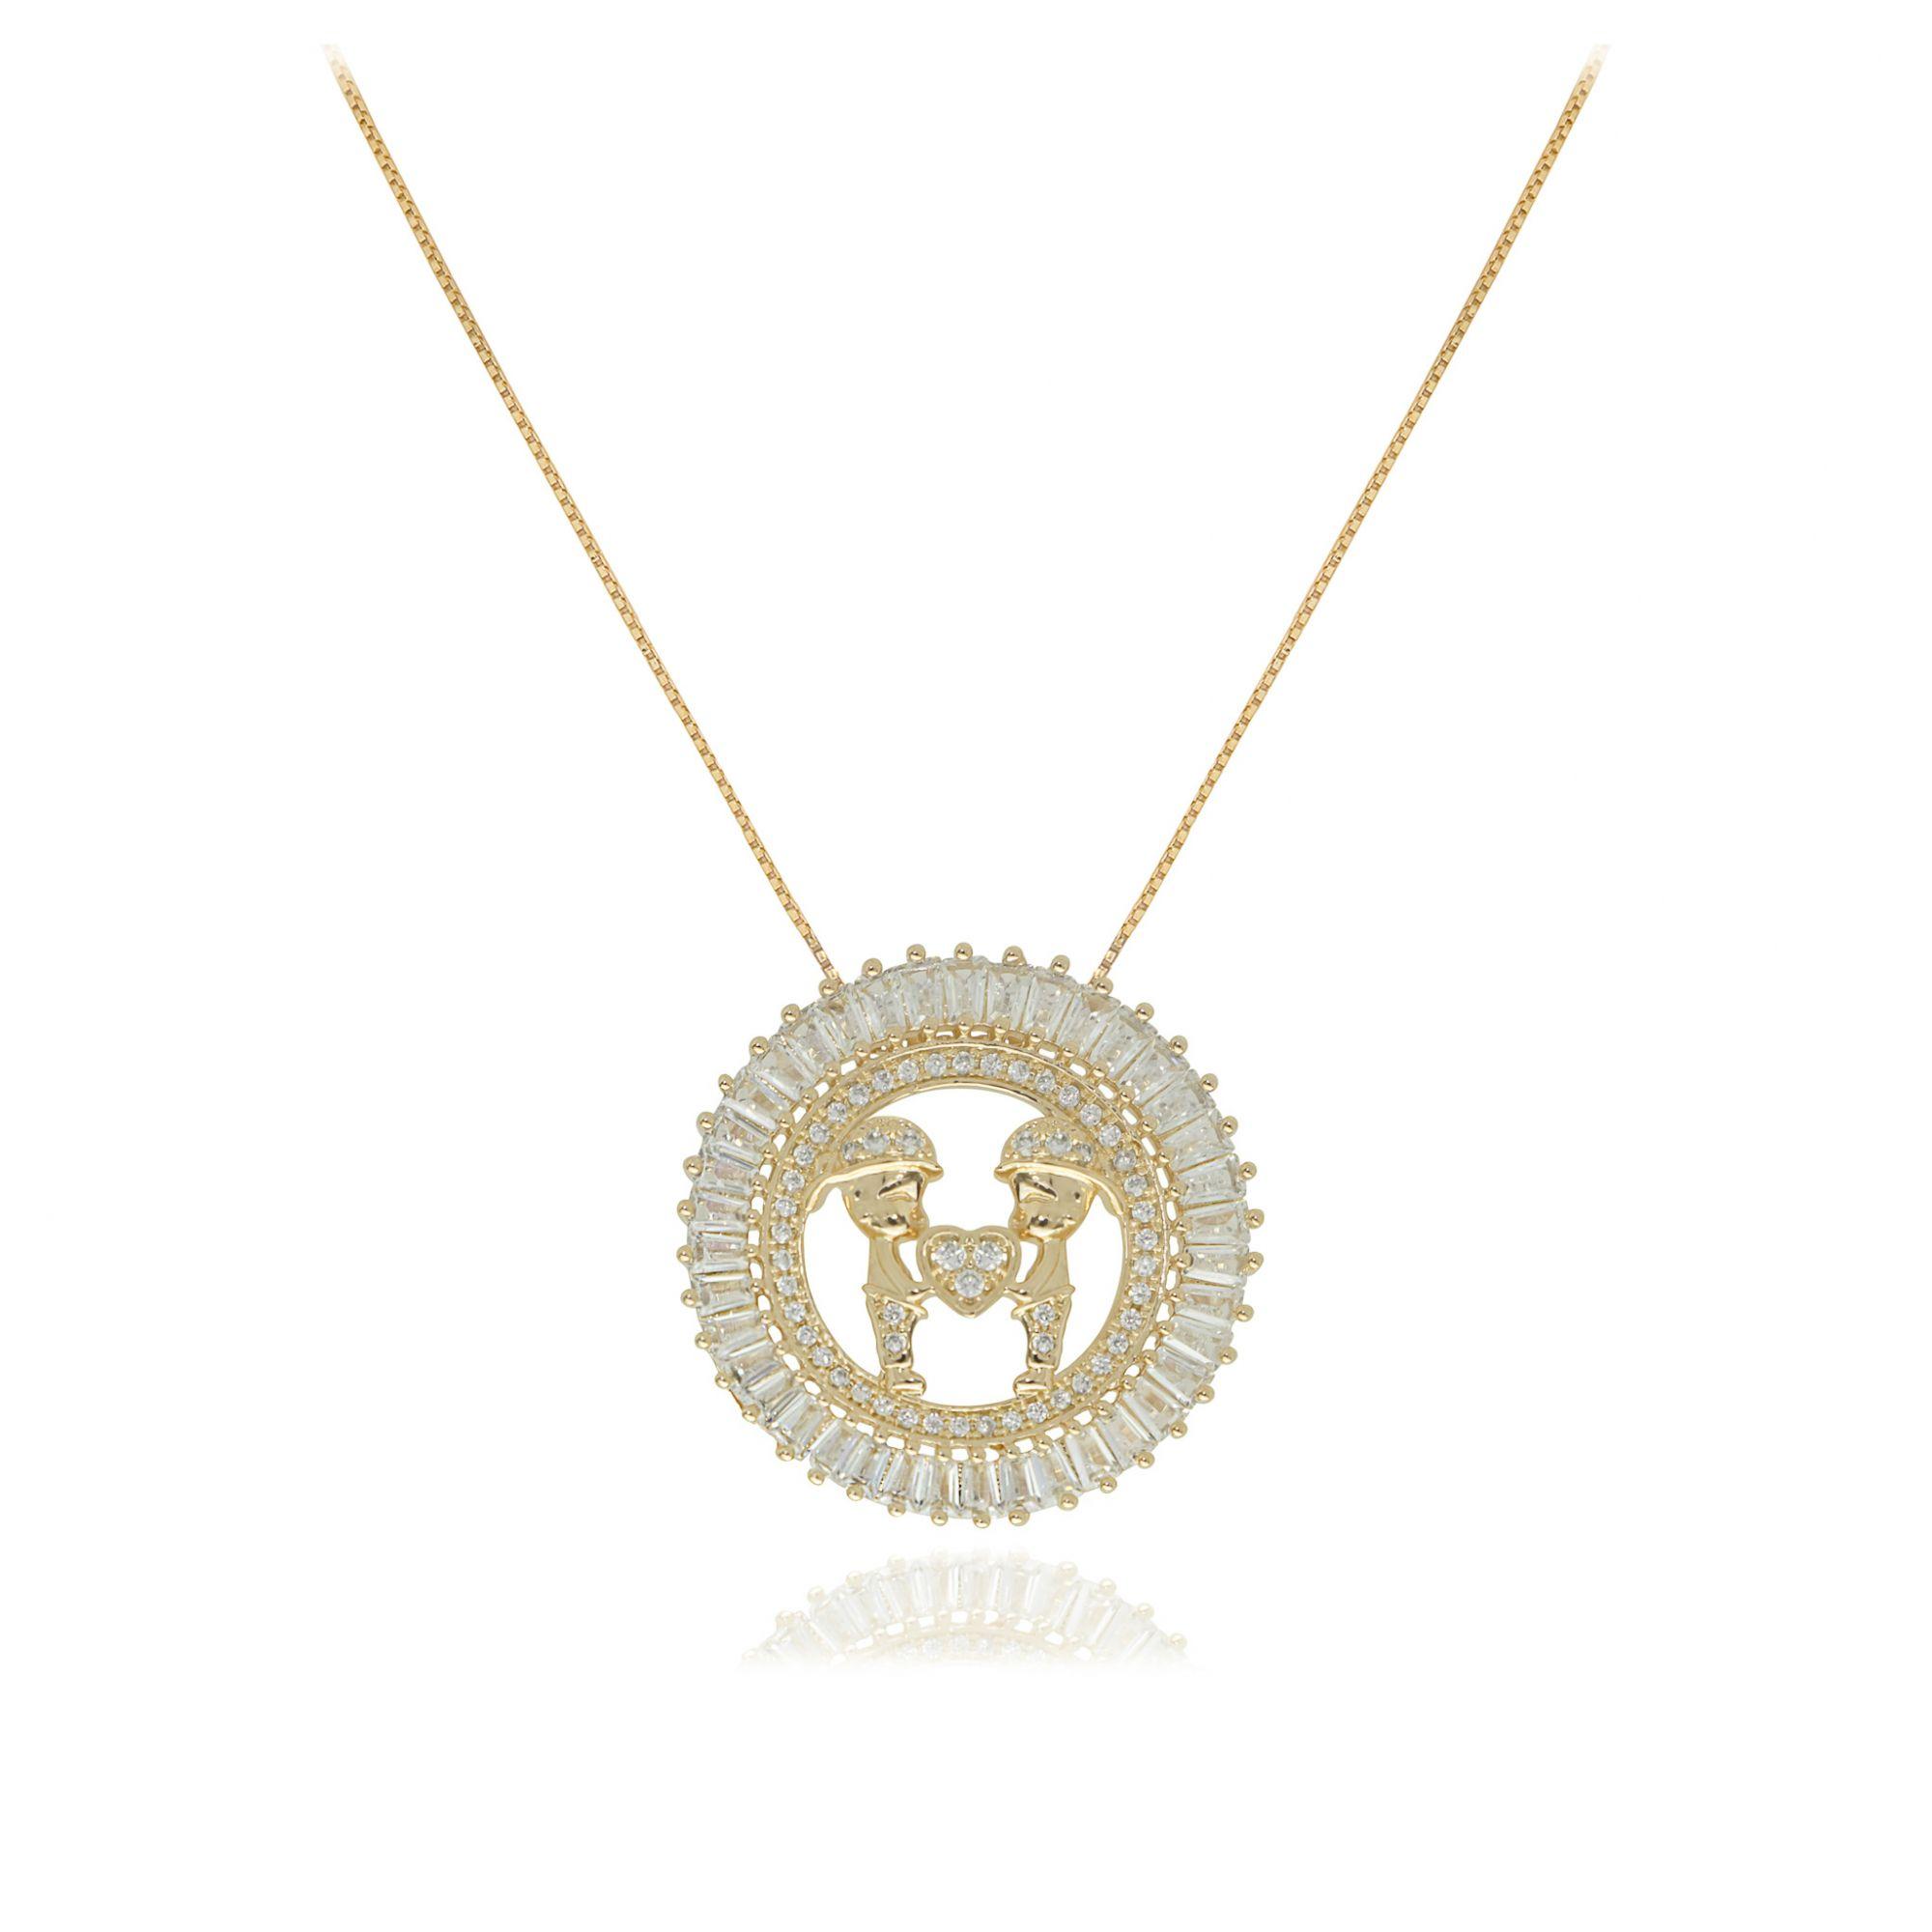 Colar mandala filhos com coração Semi joia baguettado em zircônia banhada a ouro  18k ou rhodium